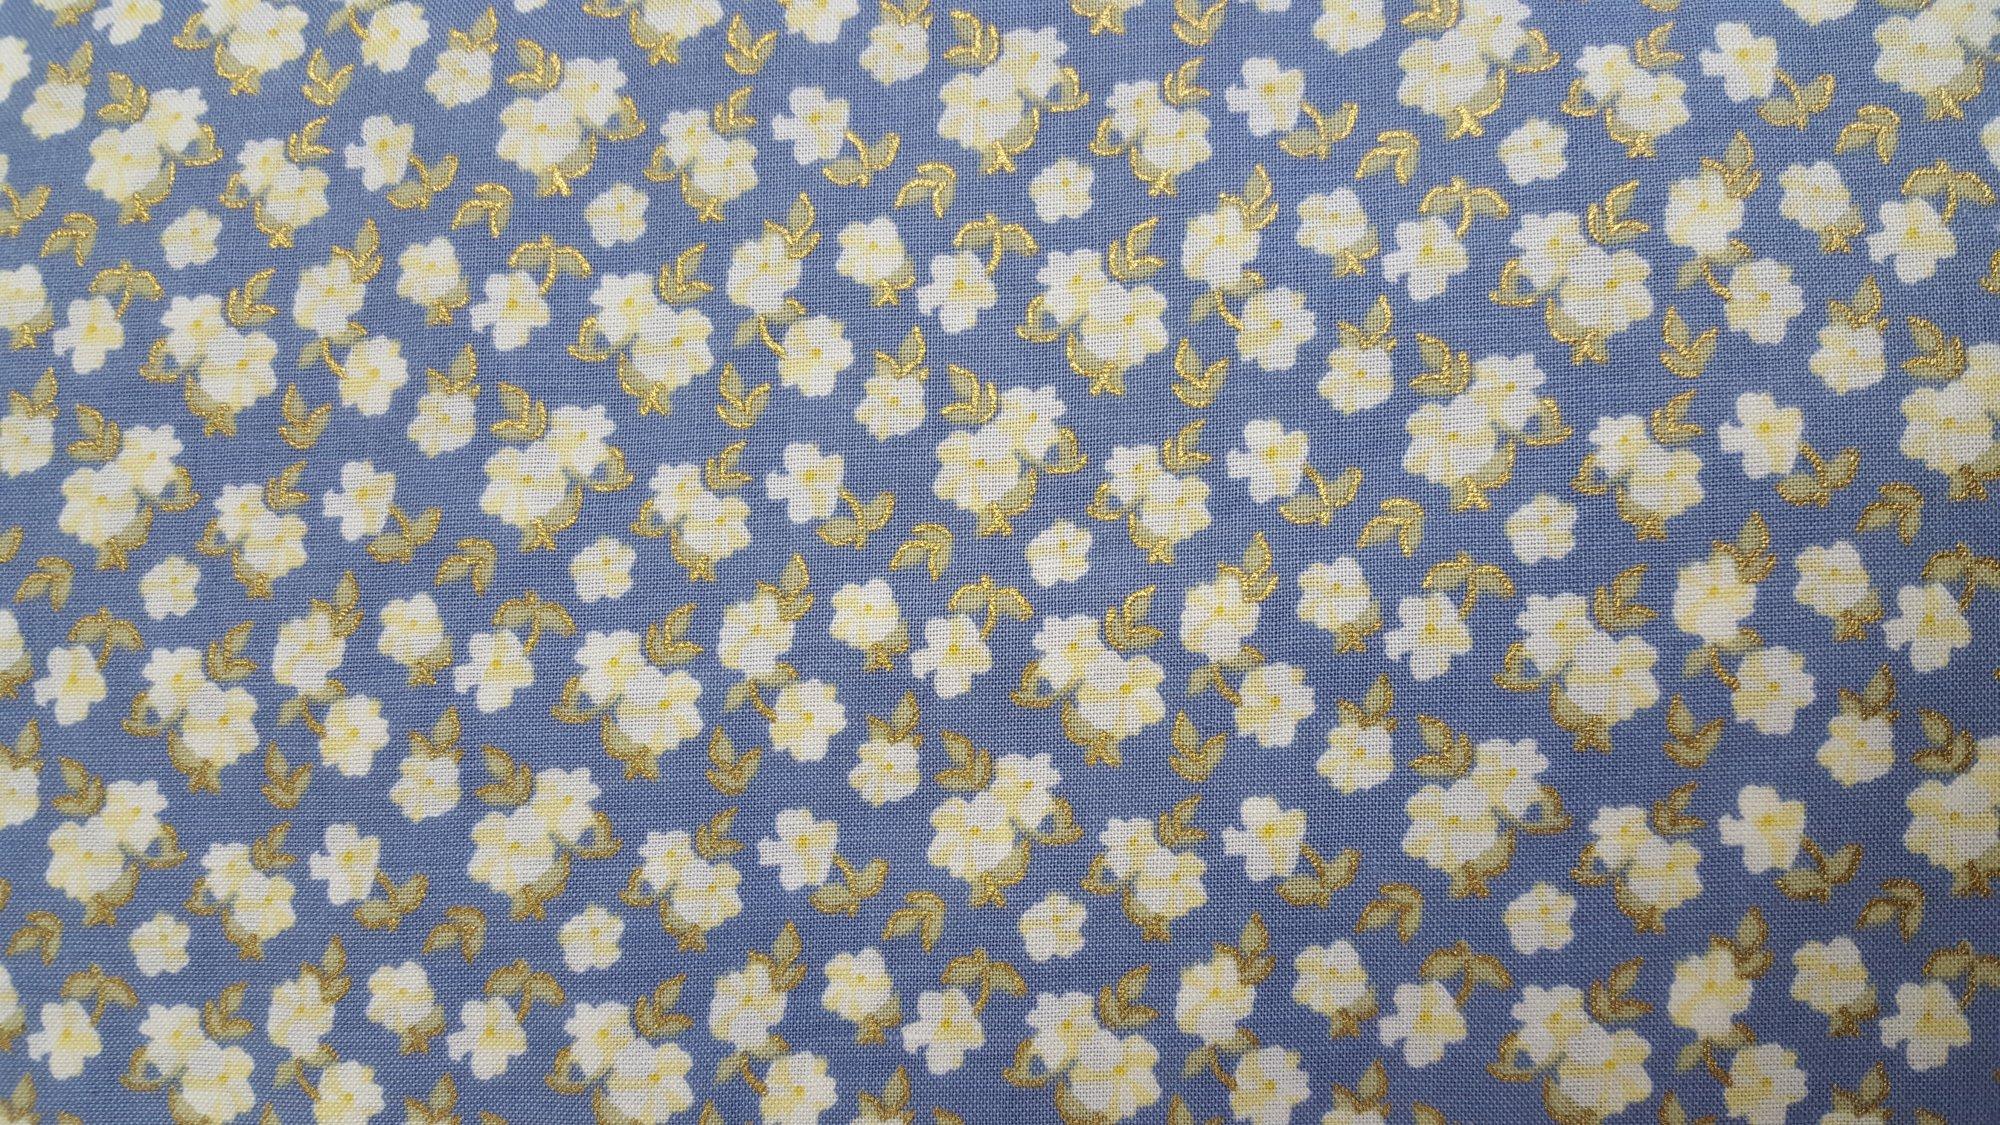 Lecien La Conner Metallic Blue Pansies